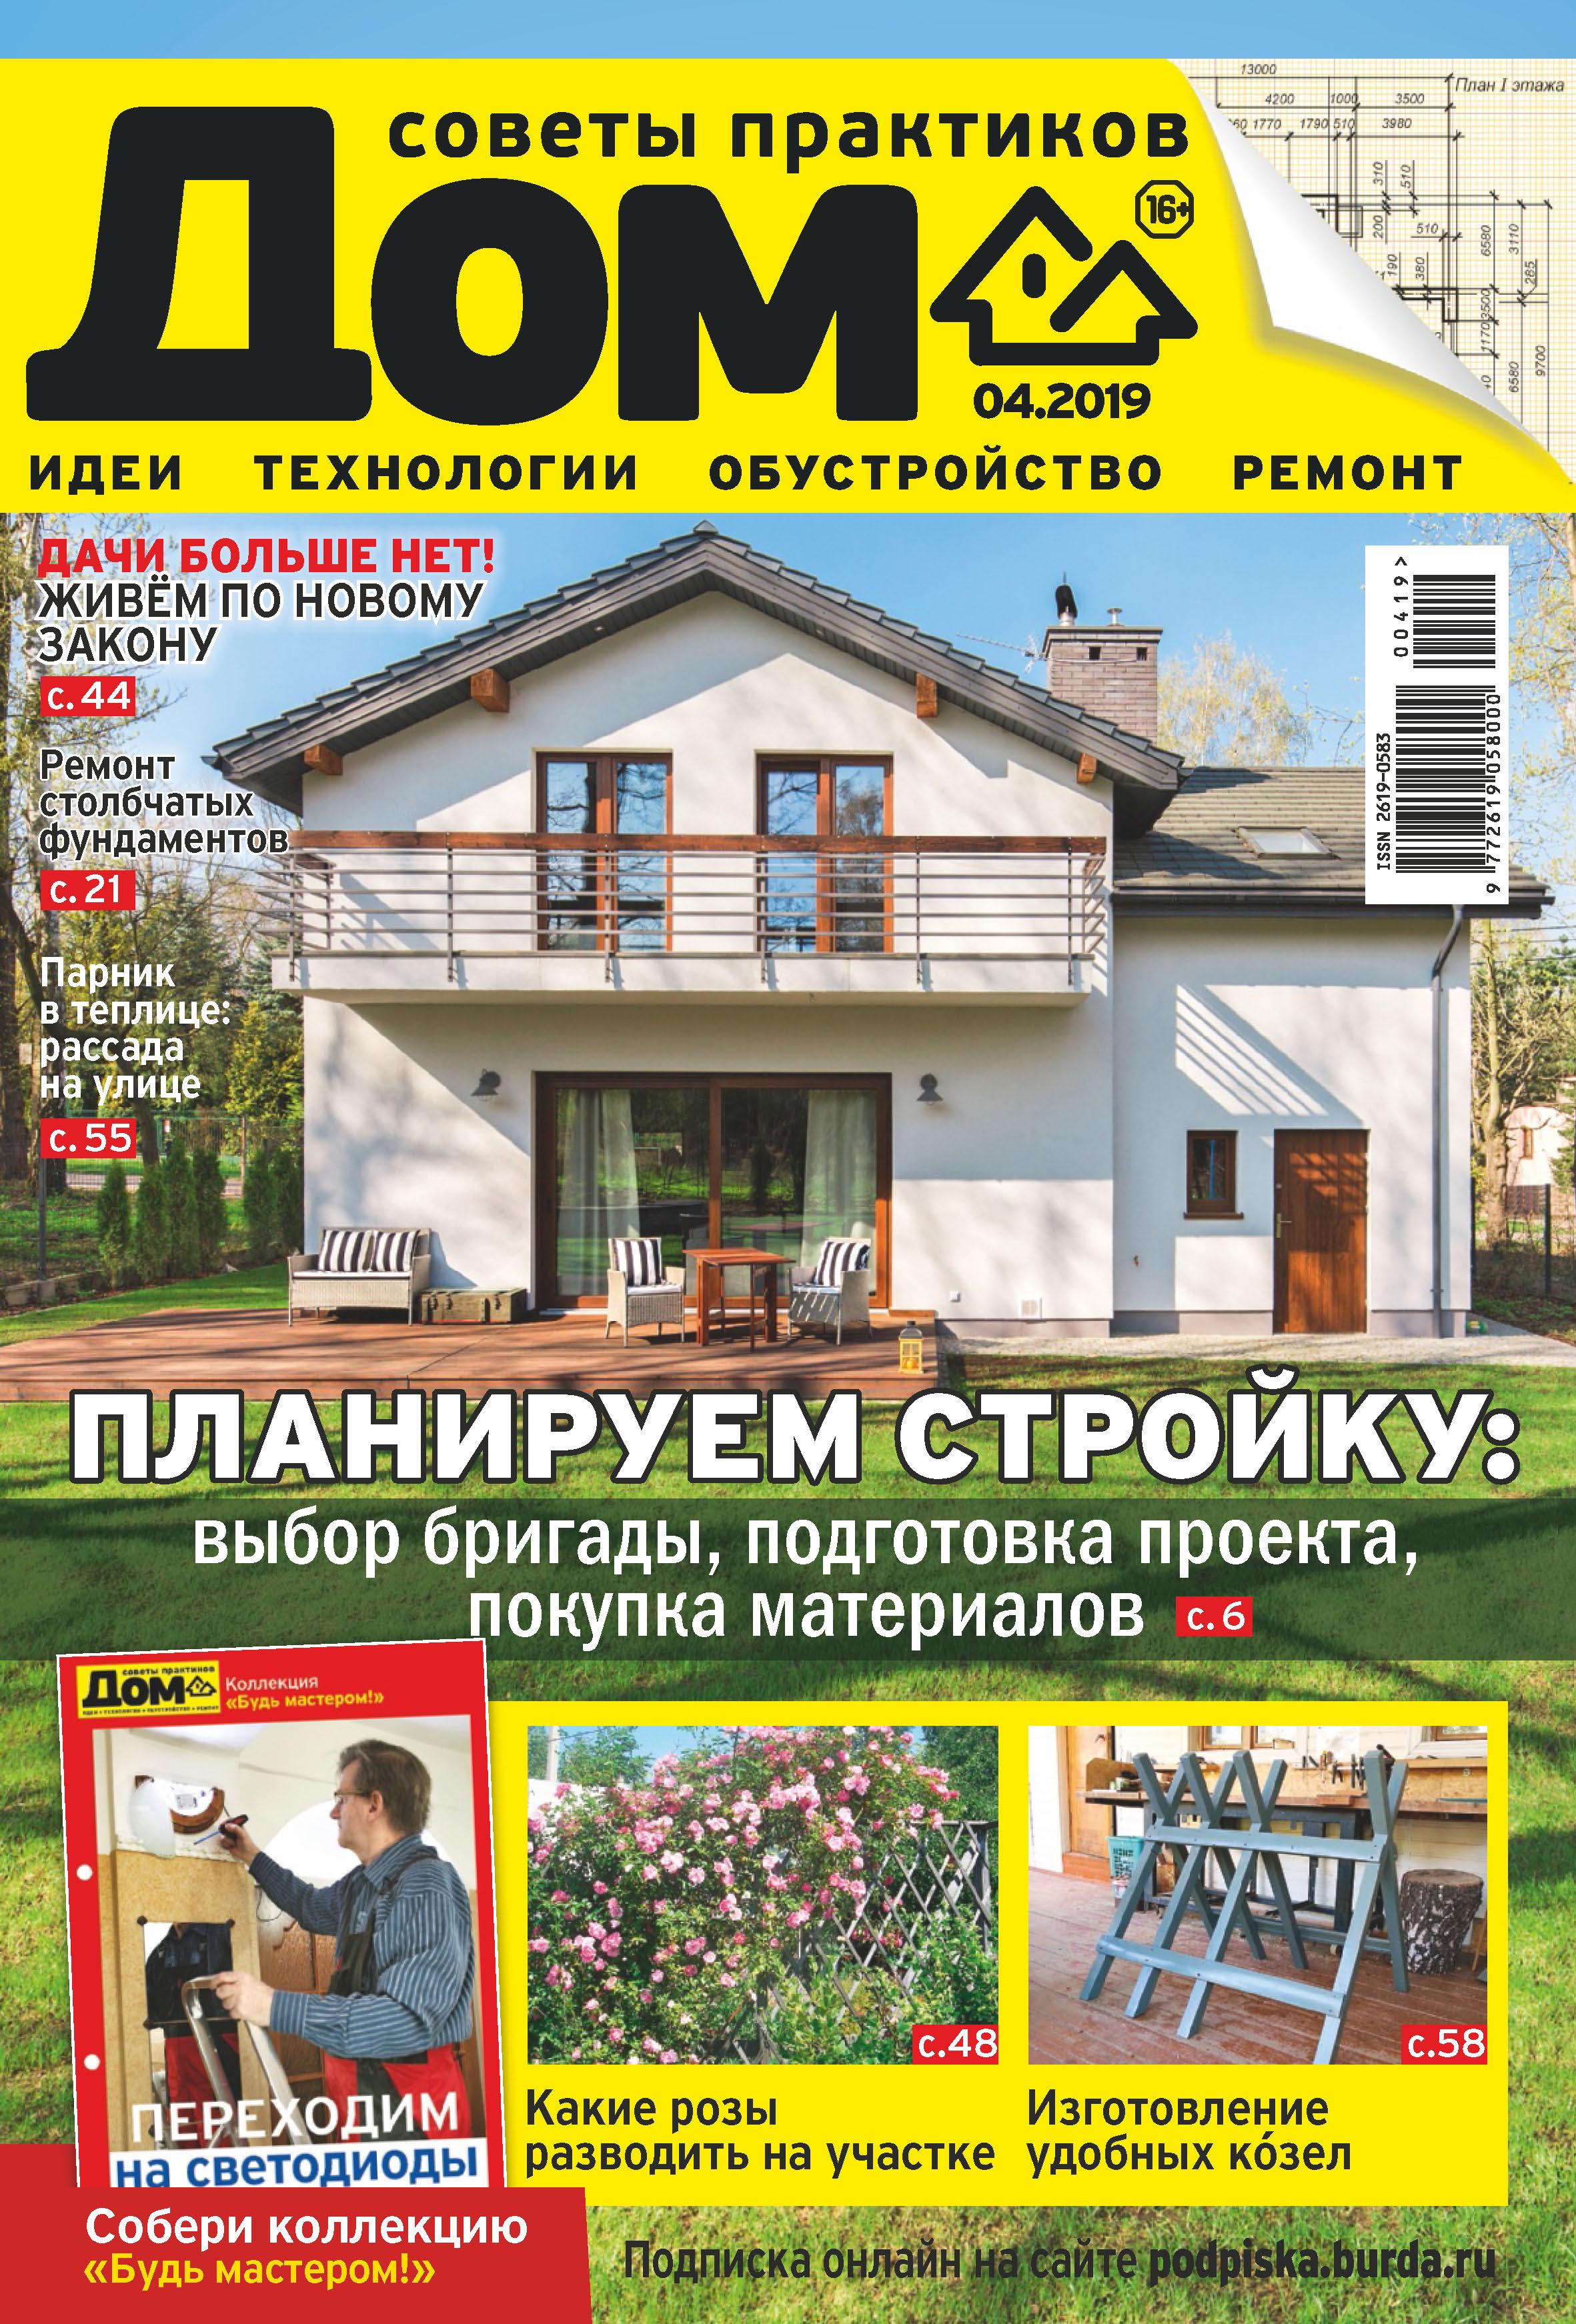 Отсутствует Журнал «Дом» №04/2019 в п шматов благоустройство сельского дома инженерное обеспечение и оборудование